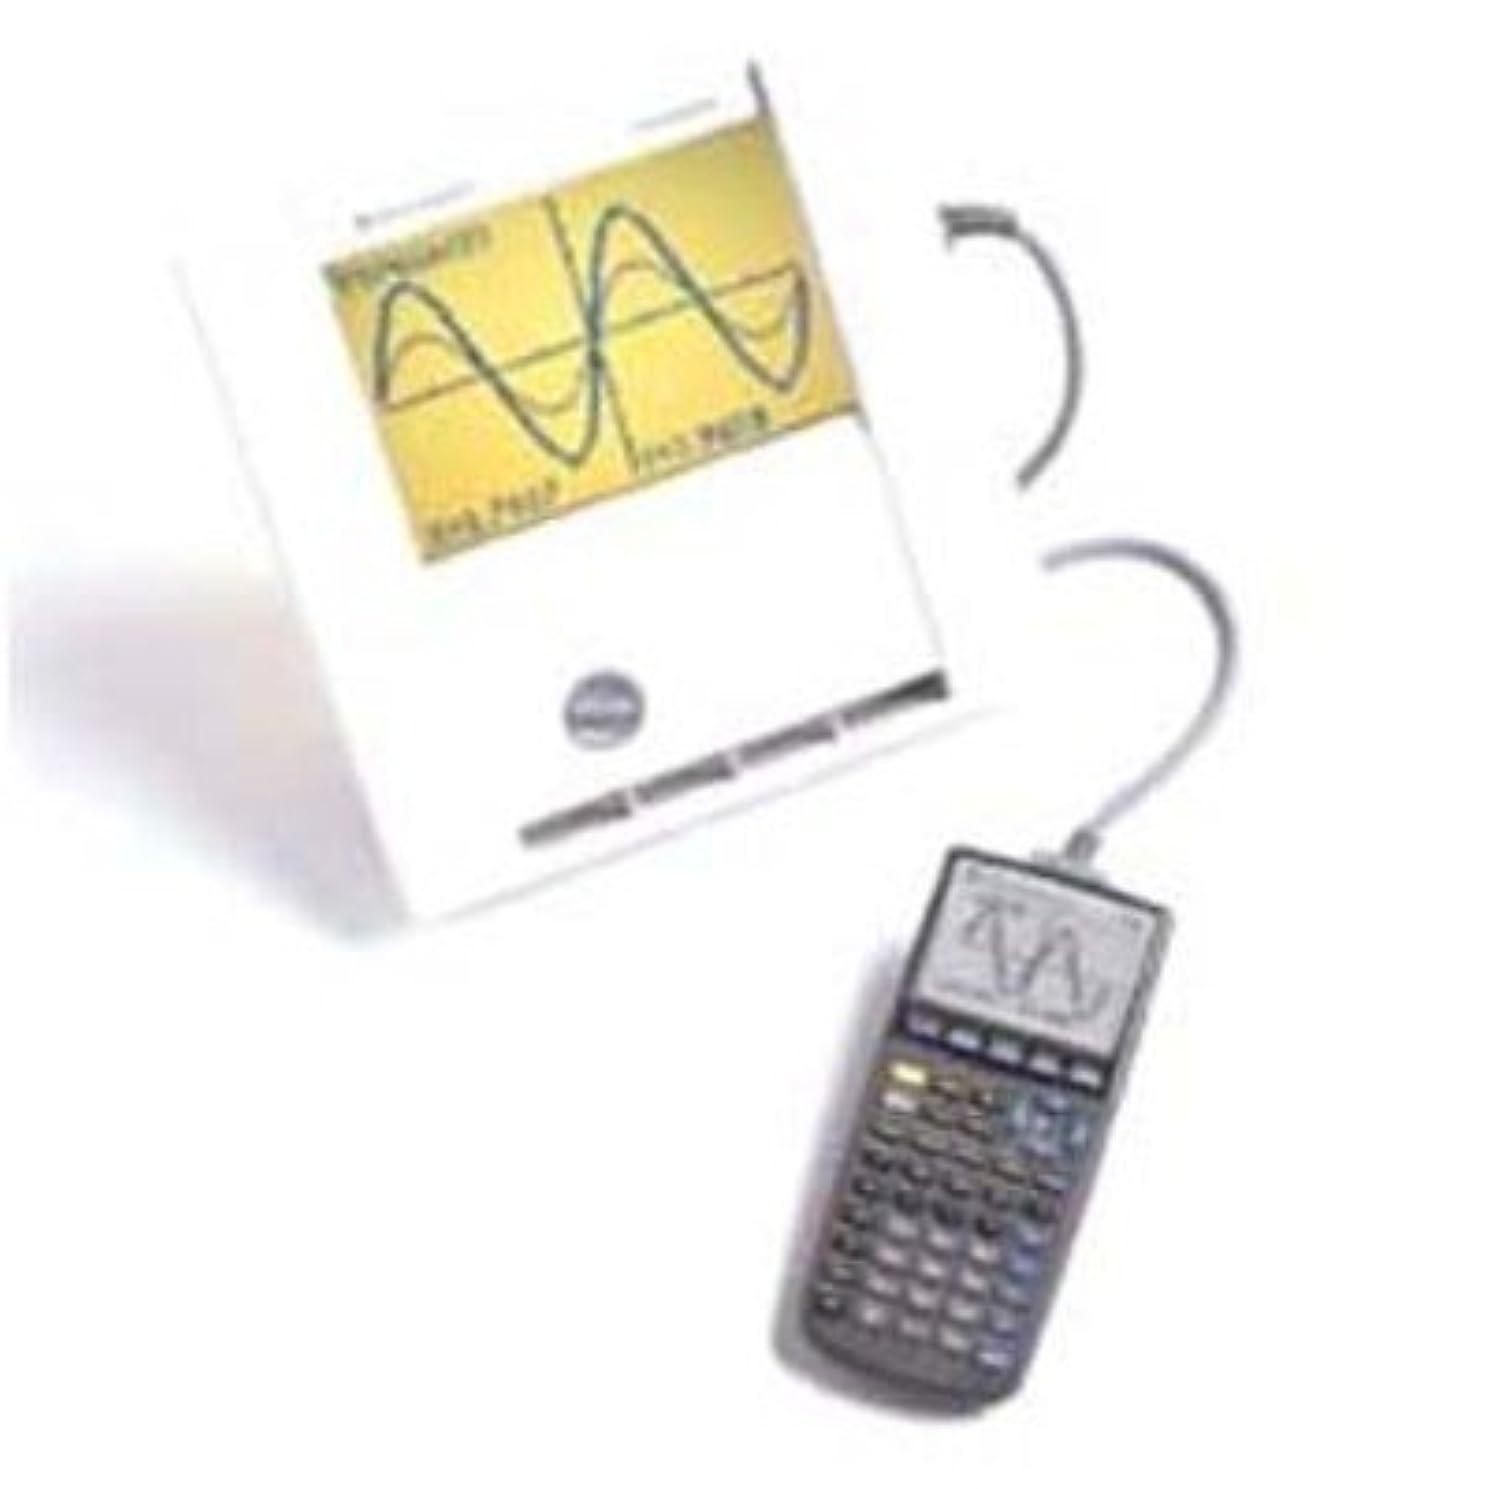 く致命的恐れるTexas Instruments 89tvsii / CBX / 1l1?/ A ti89titaniumオーバーヘッドviewscre